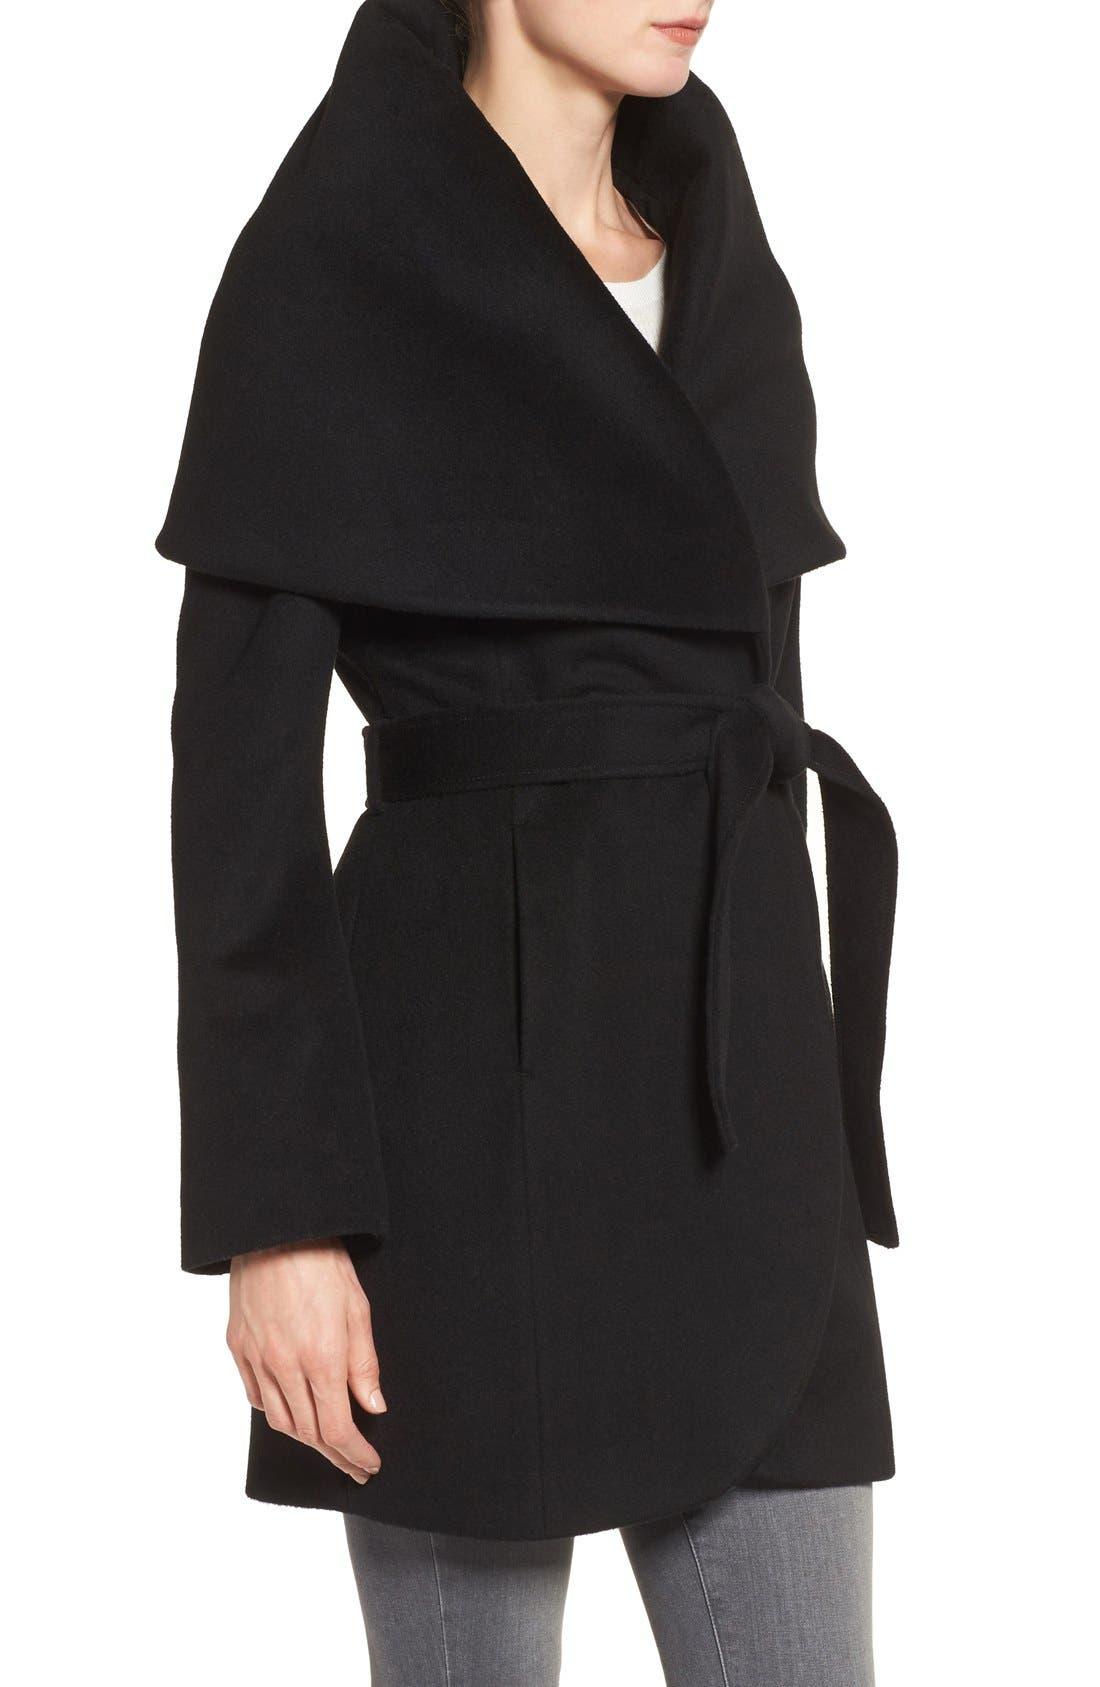 TAHARI, T Tahari Wool Blend Belted Wrap Coat, Alternate thumbnail 4, color, 001